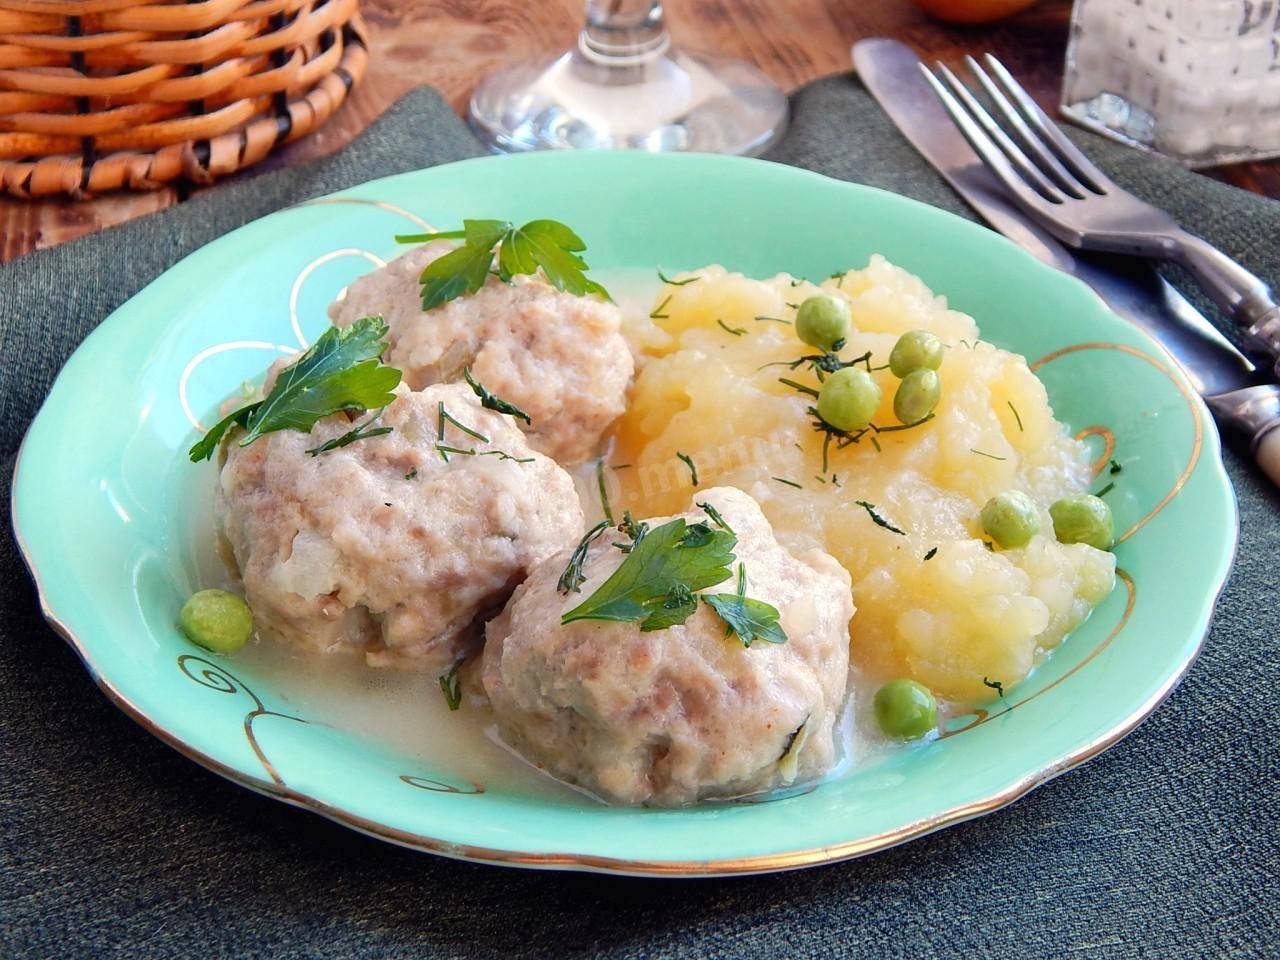 Тефтели в подливе. как в садике. - соус для тефтелей - запись пользователя jevgenija (zheneva01) в сообществе рецепты блюд для детей в категории мясные блюда